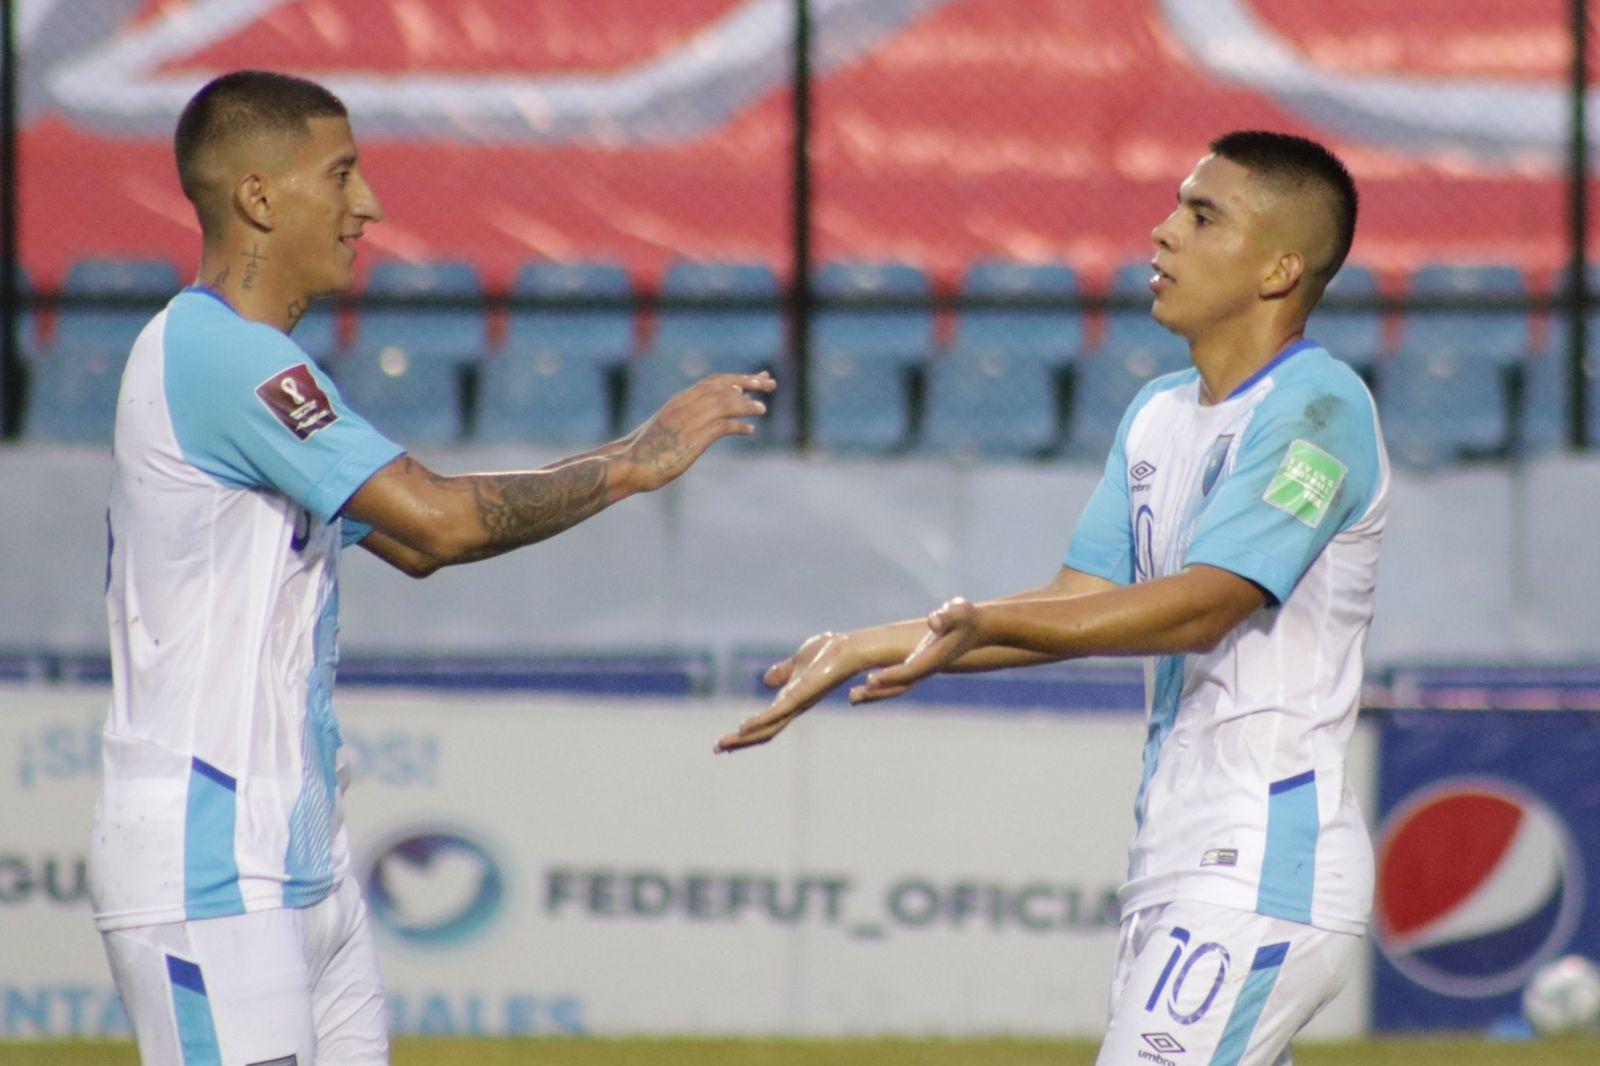 Guatemala aplastó 10 x 0 a San Vicente y las Granadinas en las Eliminatorias de Concacaf.